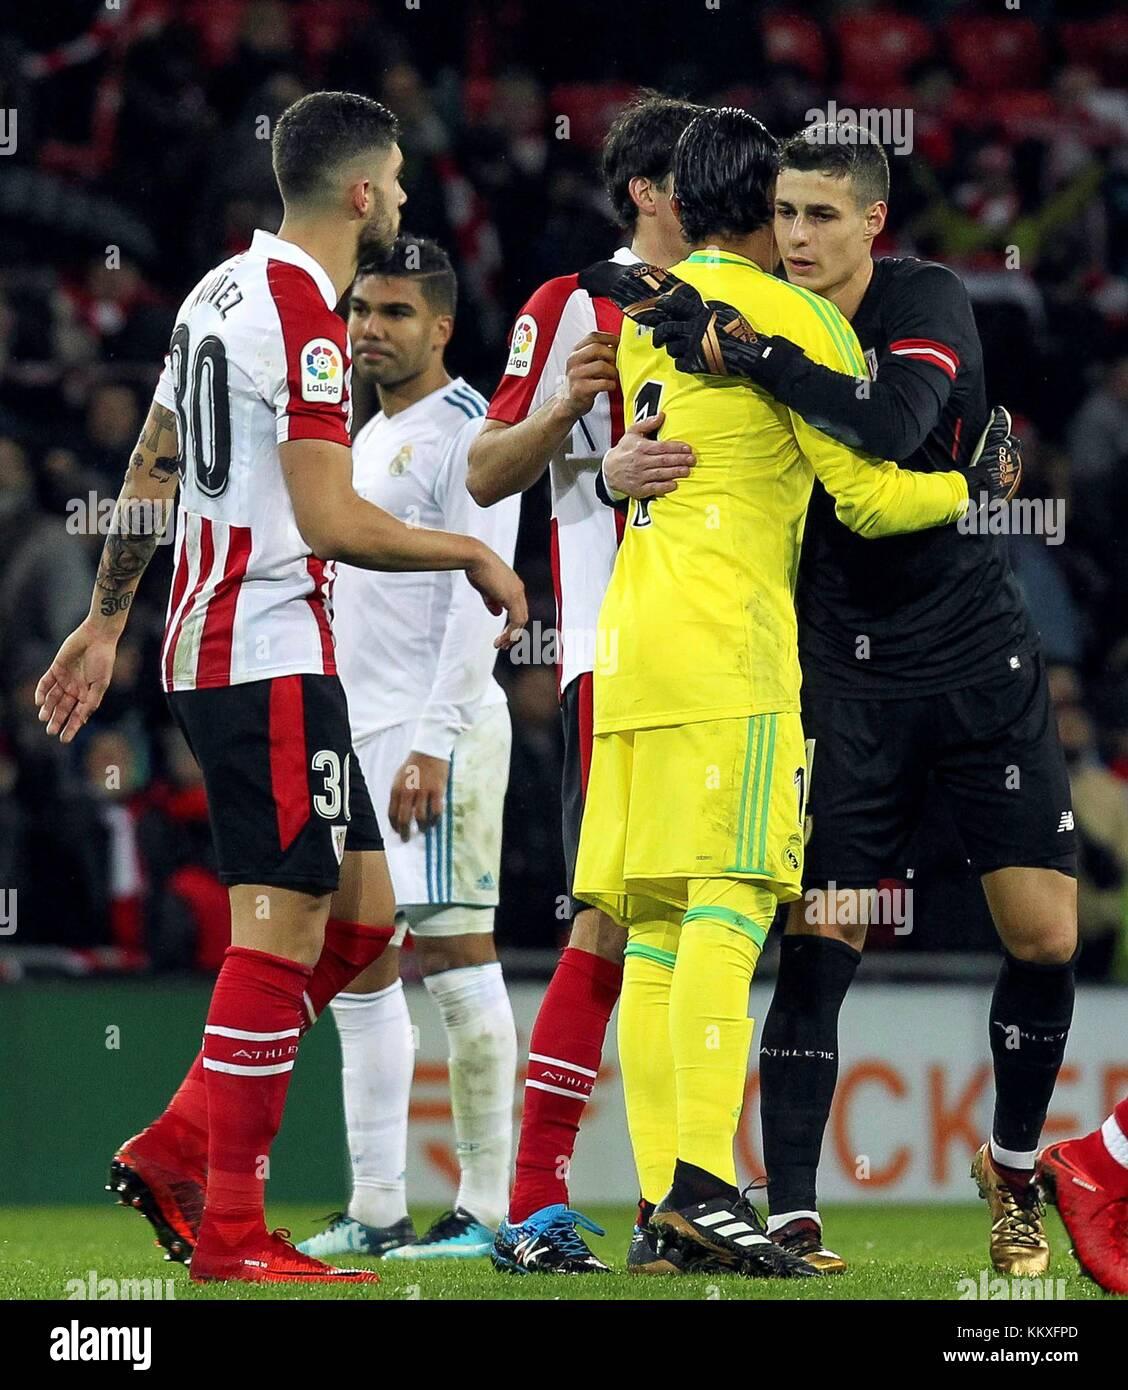 Portero del Athletic de Bilbao kepa arrizabalaga (r) abraza el real madrid  el portero a4edee4bb920a